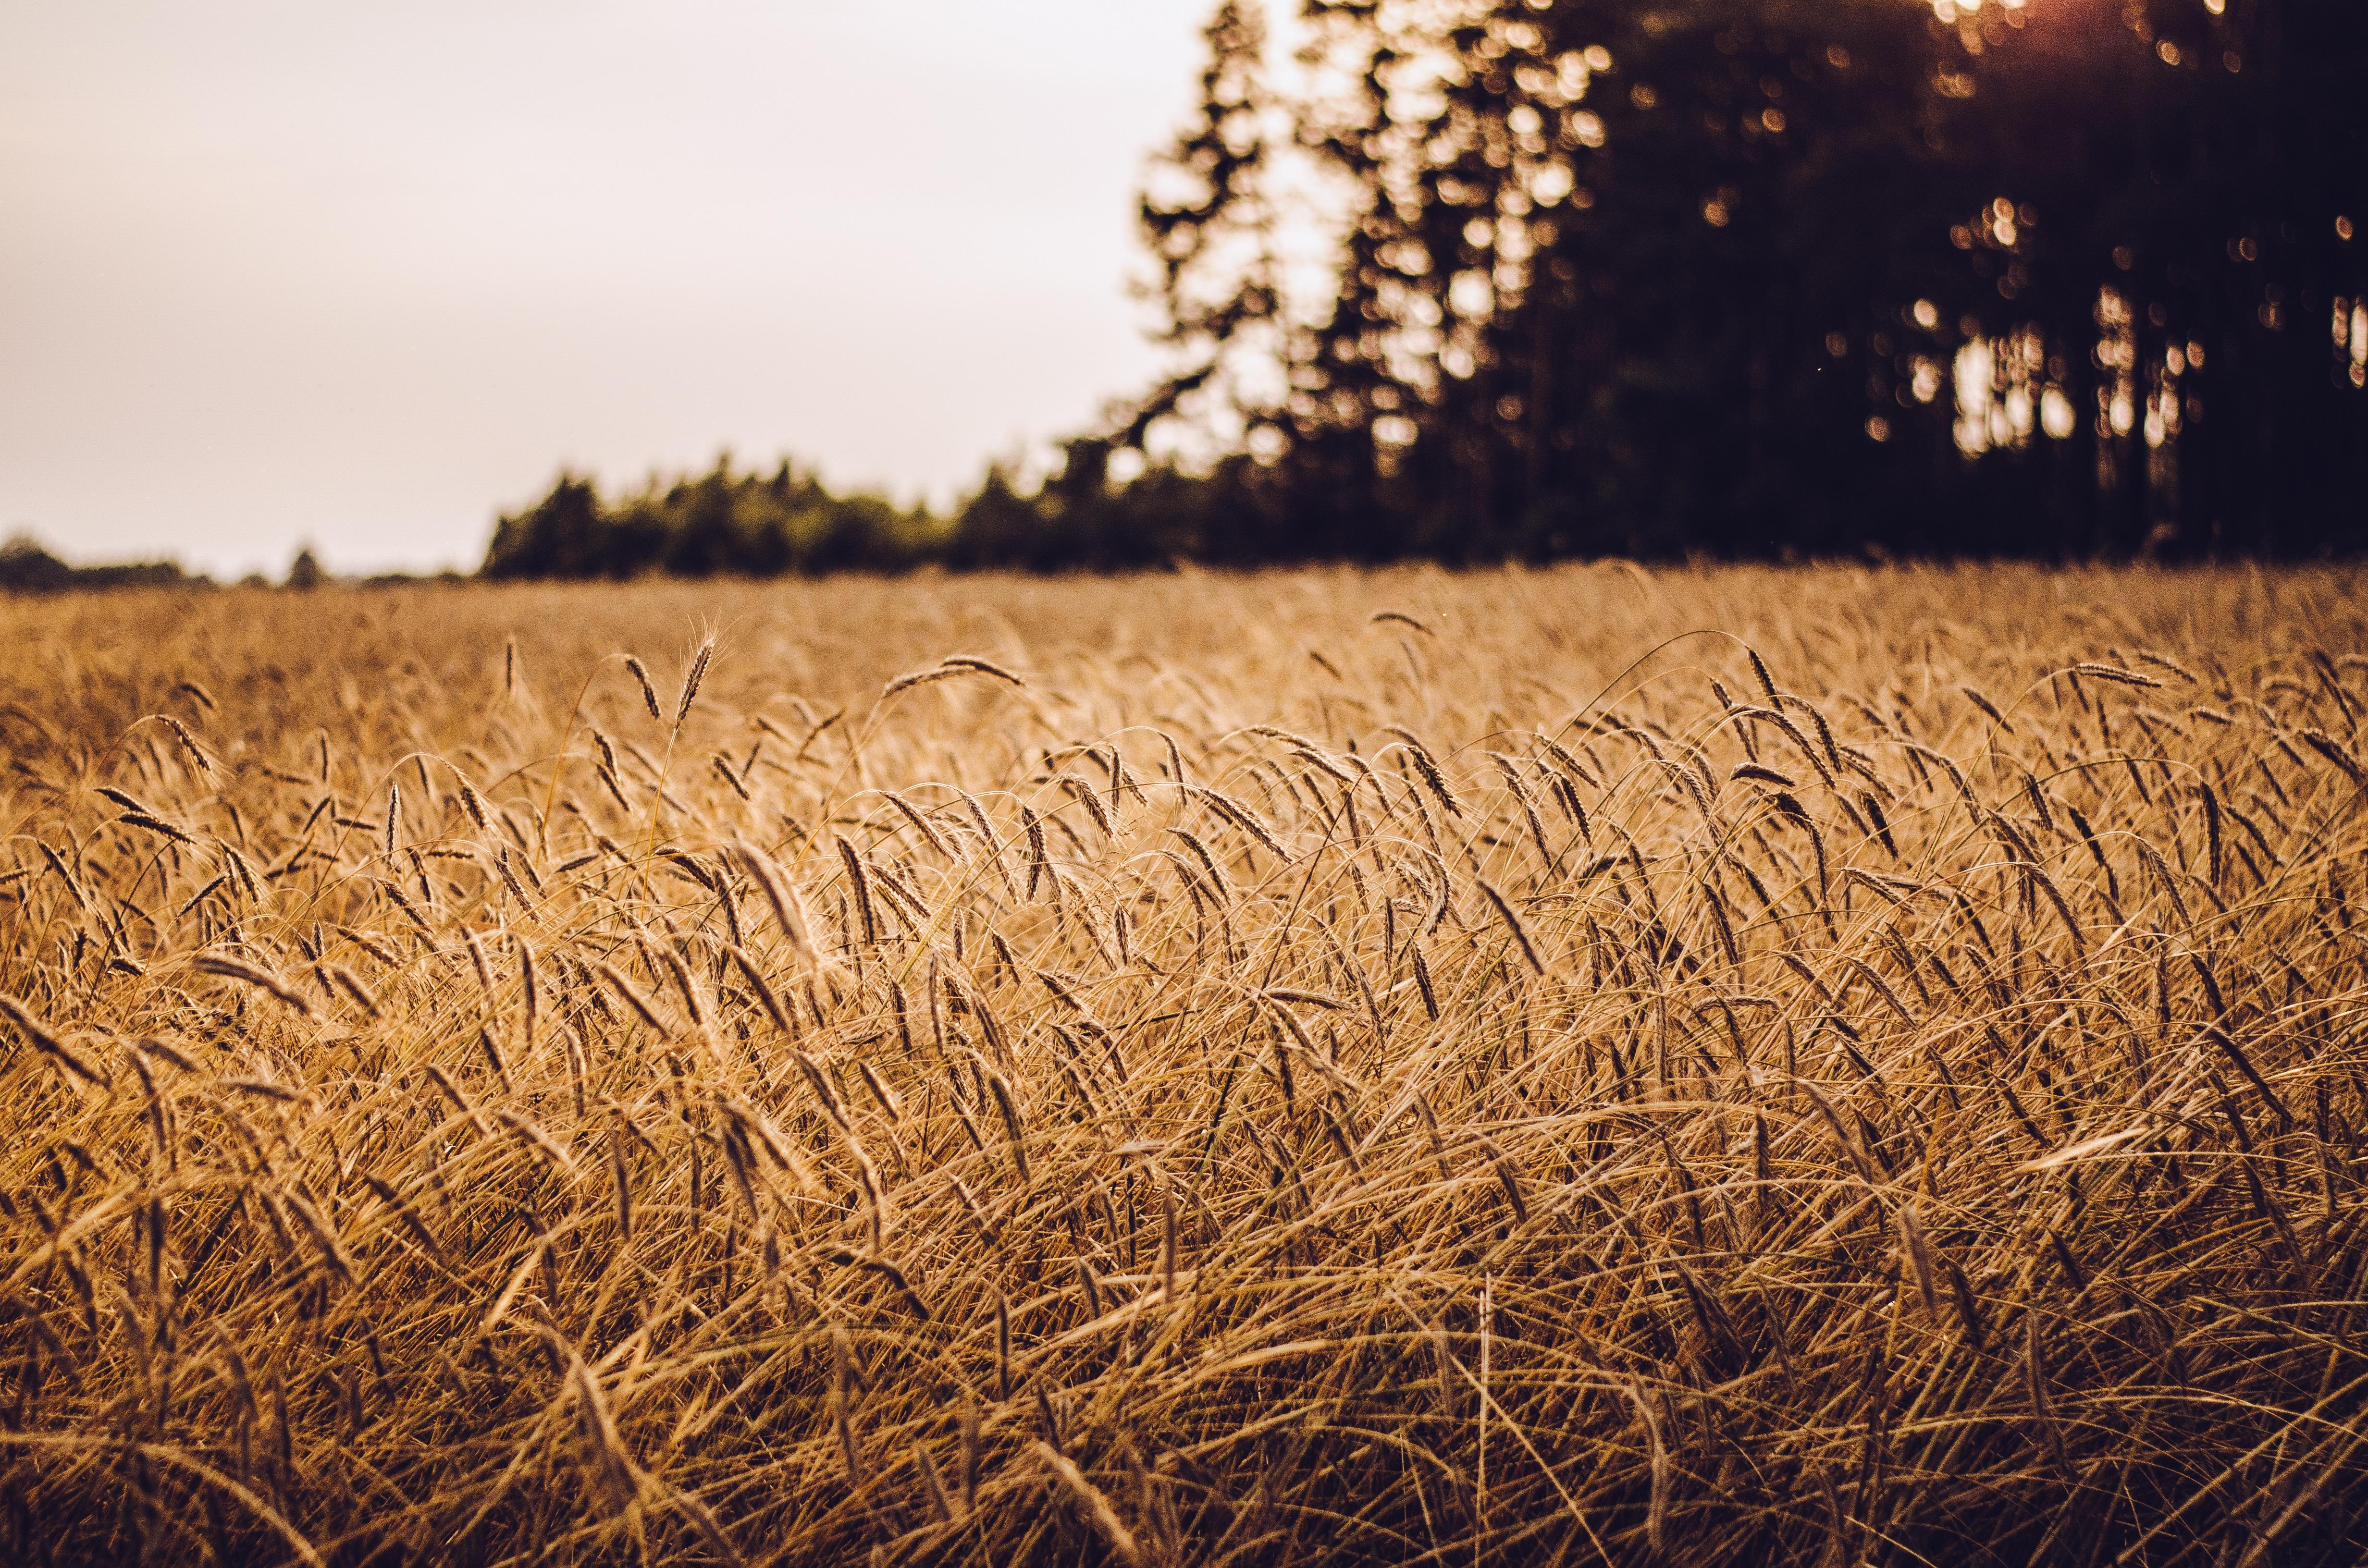 наше время пшеница красивые фотографии что, каждый найдёт